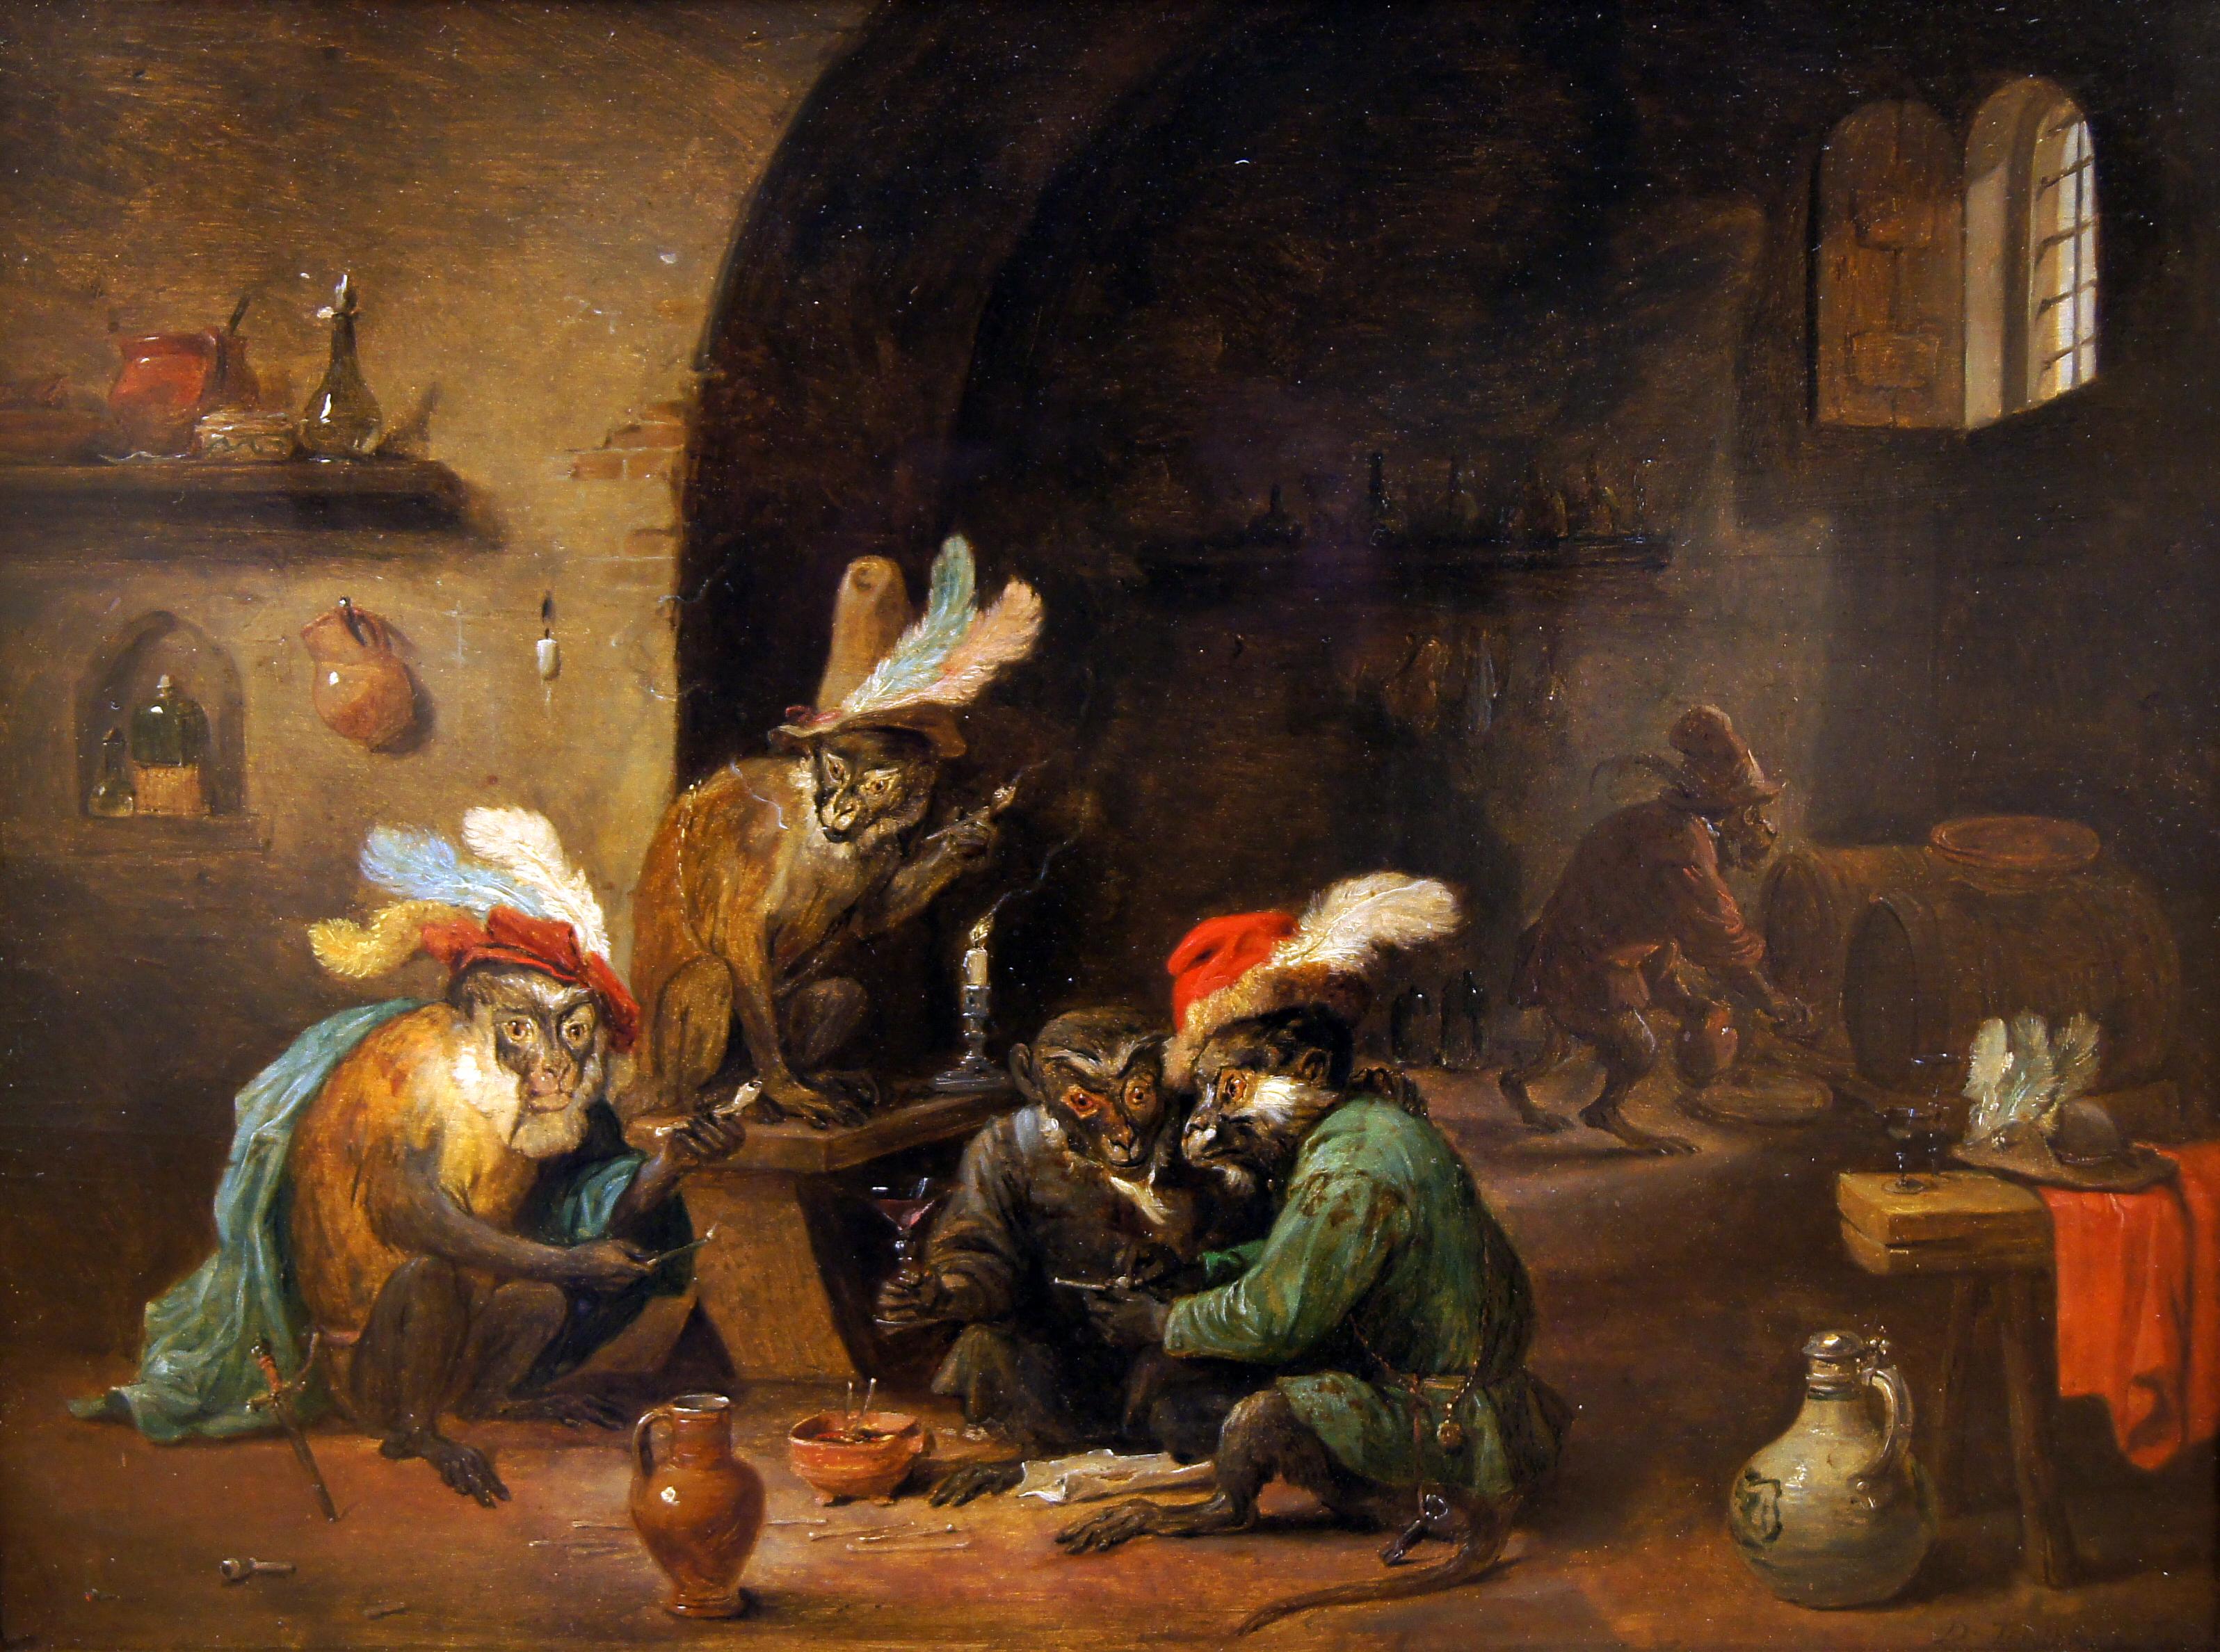 Картинки по запросу david teniers monkeys in the kitchen